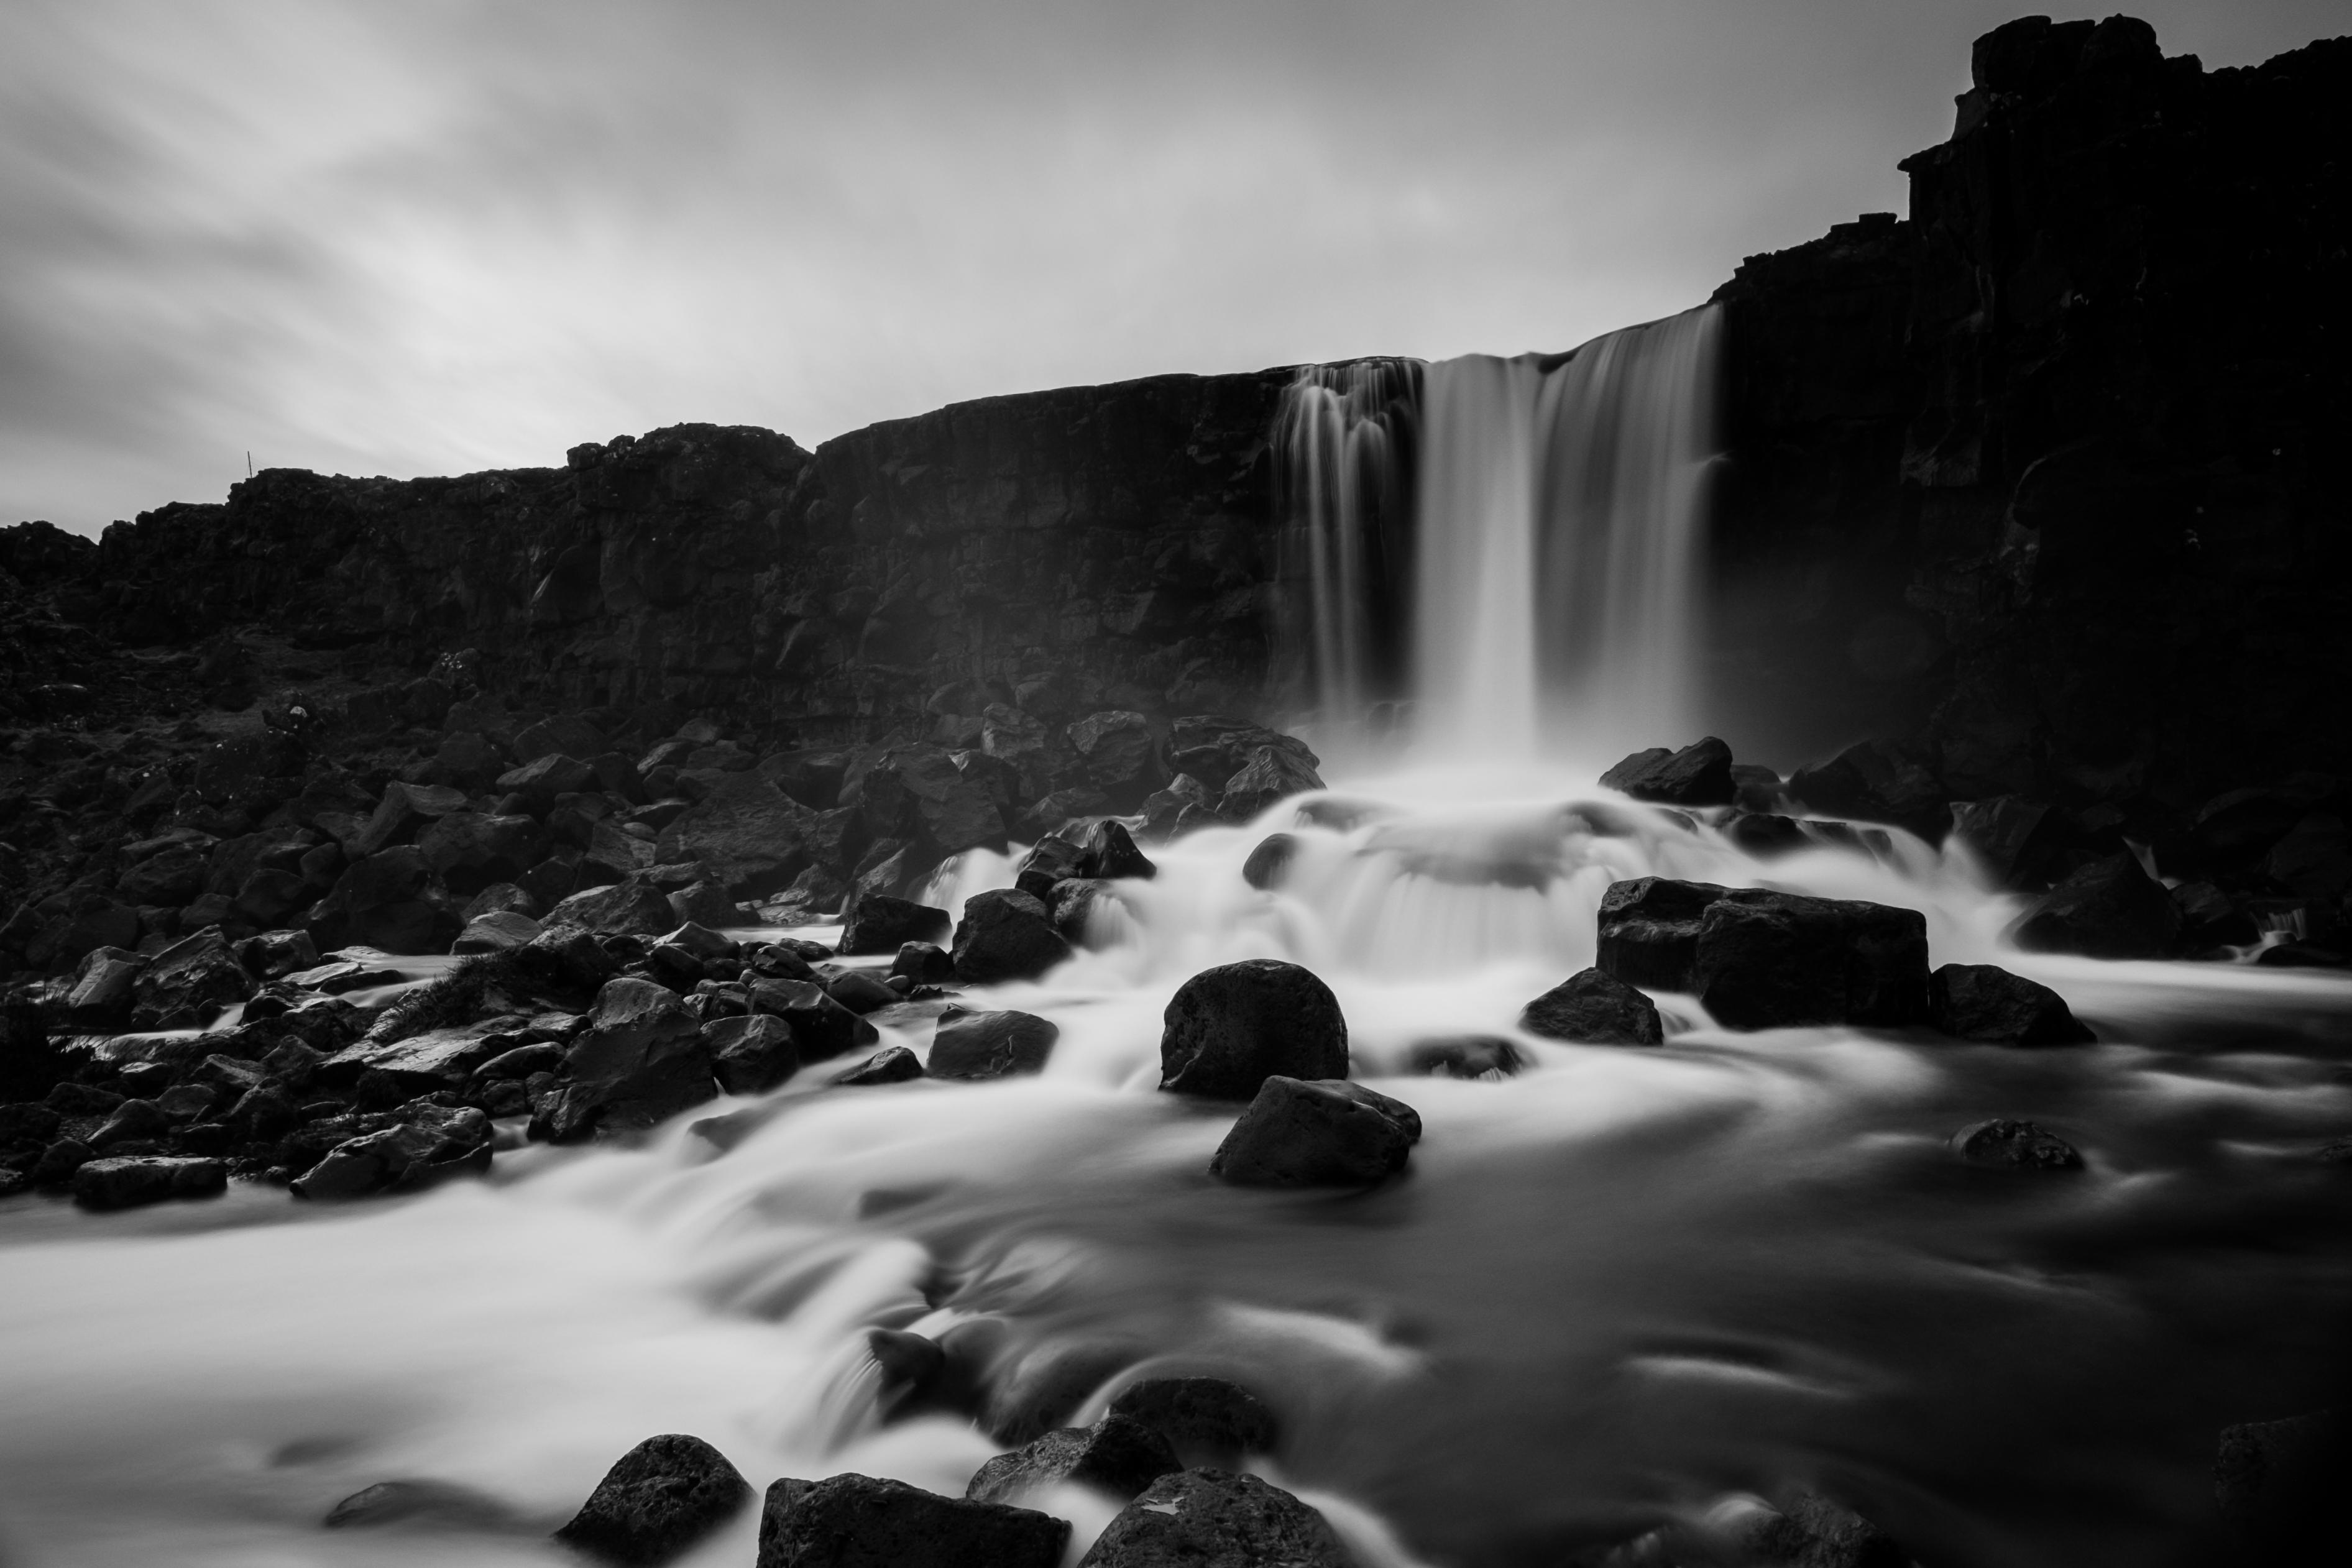 Hintergrundbilder : Landschaft, Schwarz, Wasserfall